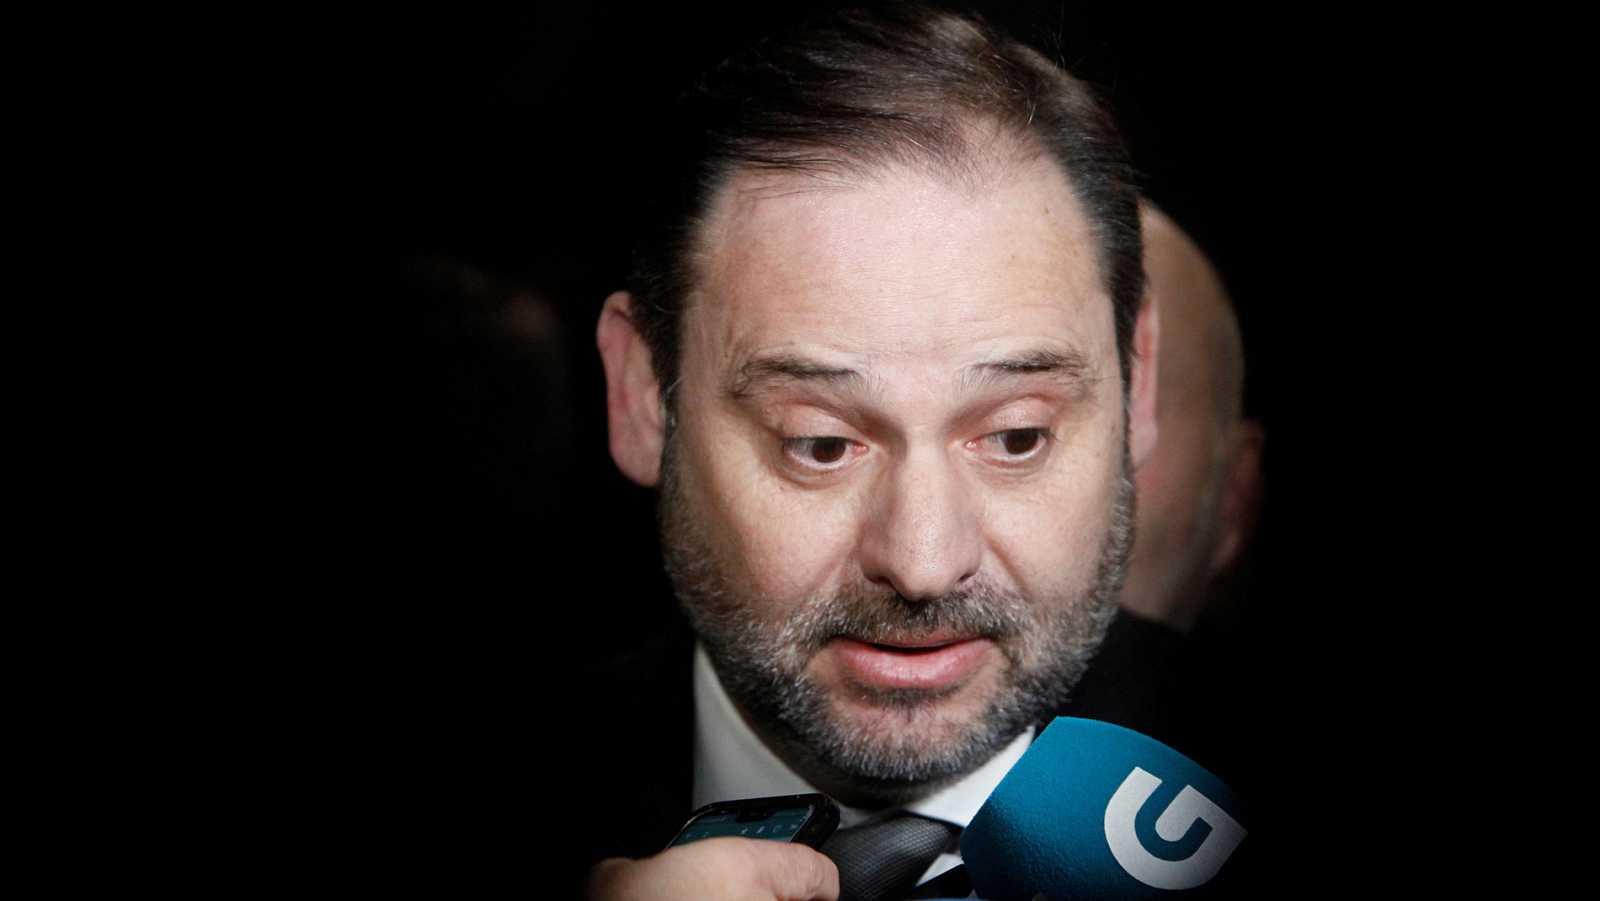 """Ábalos rechaza dimitir e insiste en que su encuentro con la vicepresidenta de Maduro se limitó a un saludo """"forzado"""""""